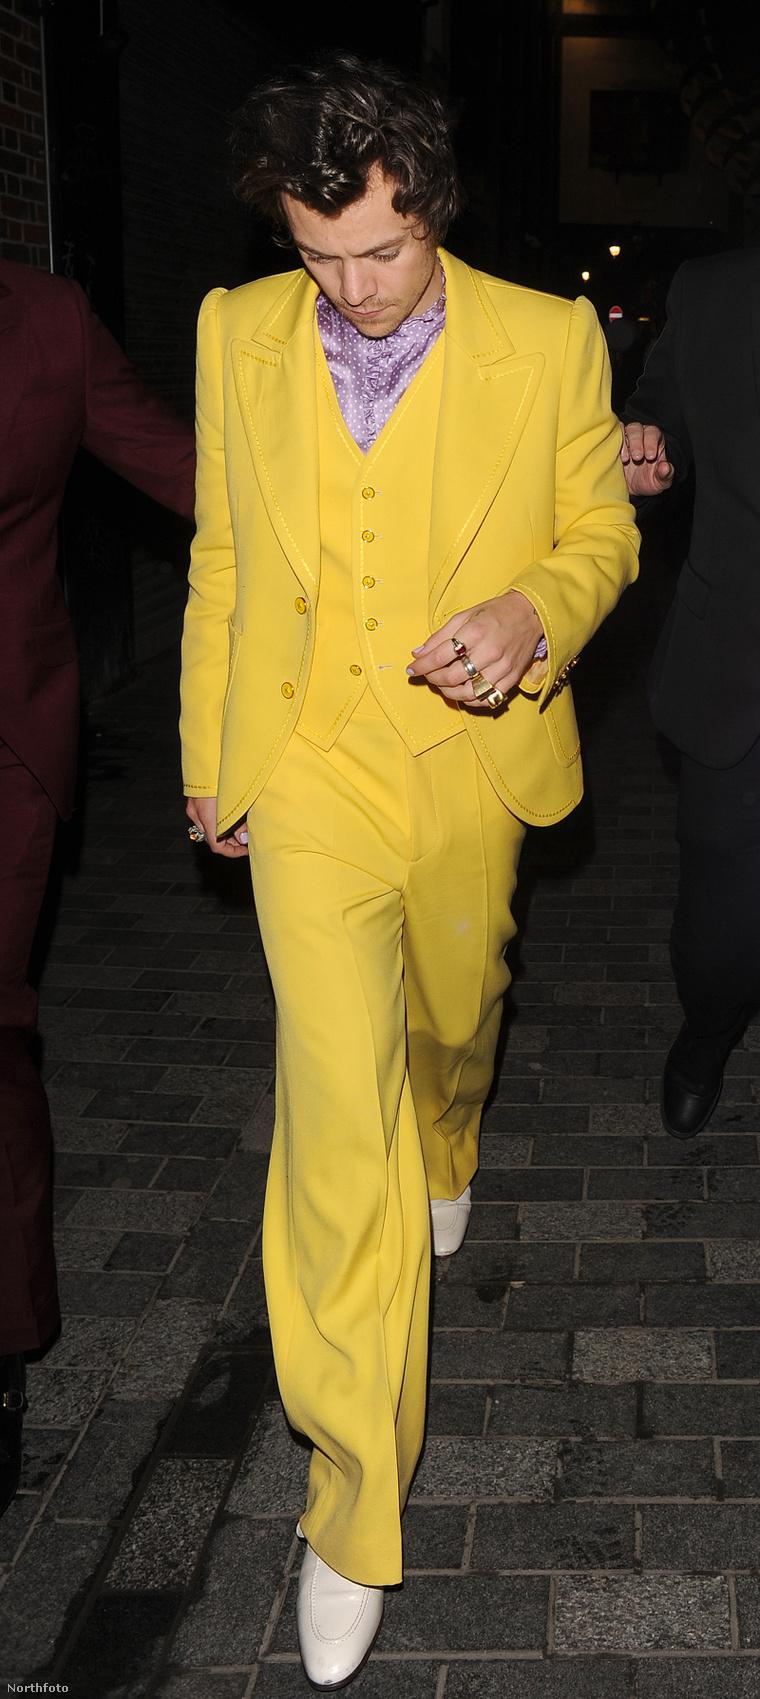 Az afteron Styles pedig már a '70-es évek banánköztársaságainak egyik drogbárójának, vagy a Jim Carrey-s Maszknak öltözött, nézőpont kérdése.